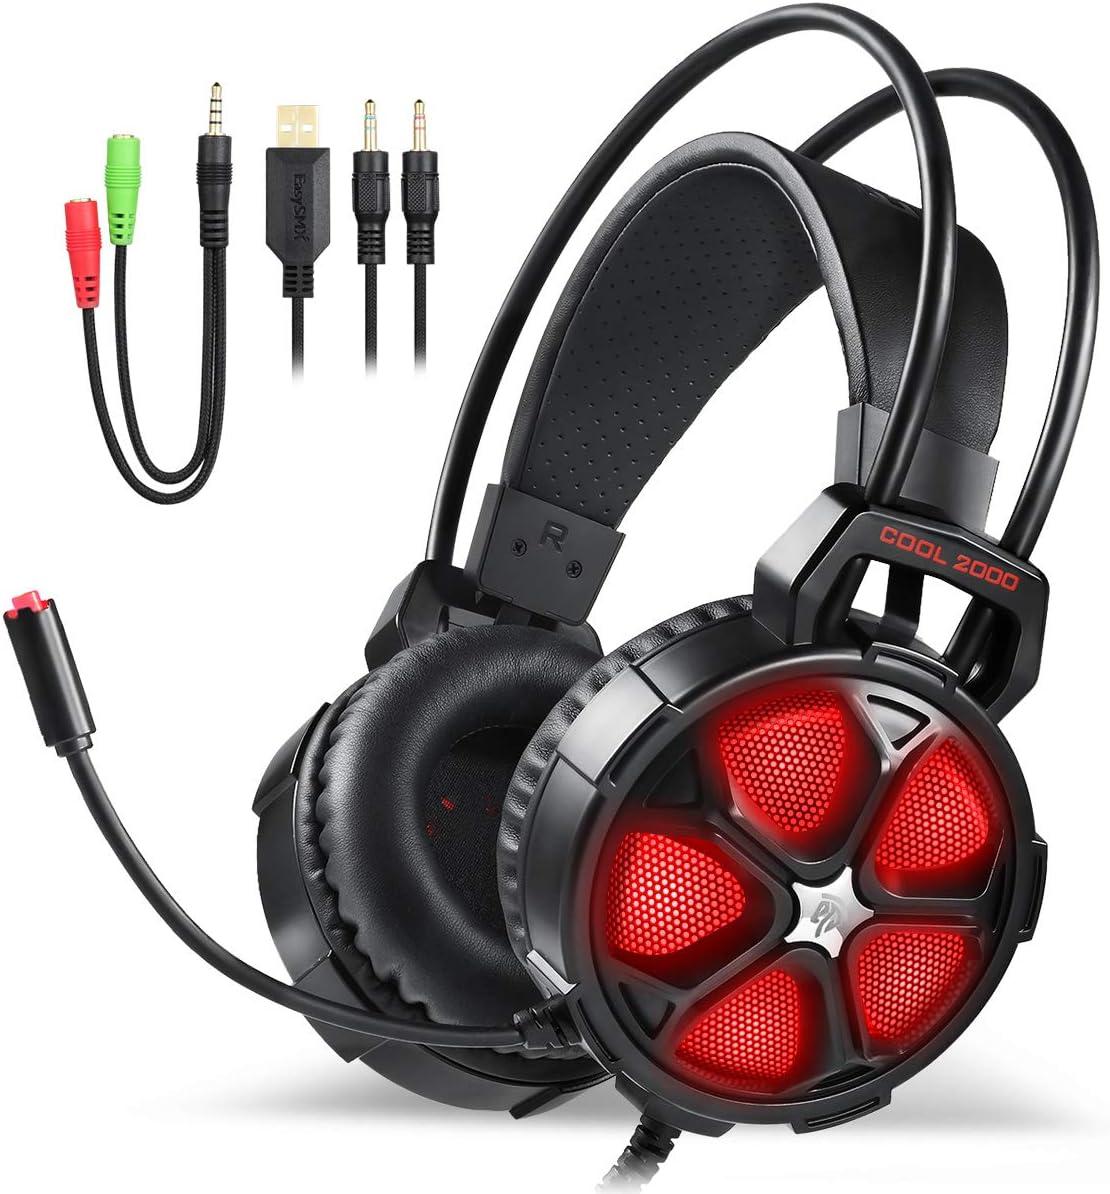 EasySMX [Virtual 7.1 Sonido] 2.4GHz Auriculares Gaming Inalámbricos de Diadema para PS4 PC Switch y Mac con Batería Recargable y Desmontable Mic: Amazon.es: Electrónica